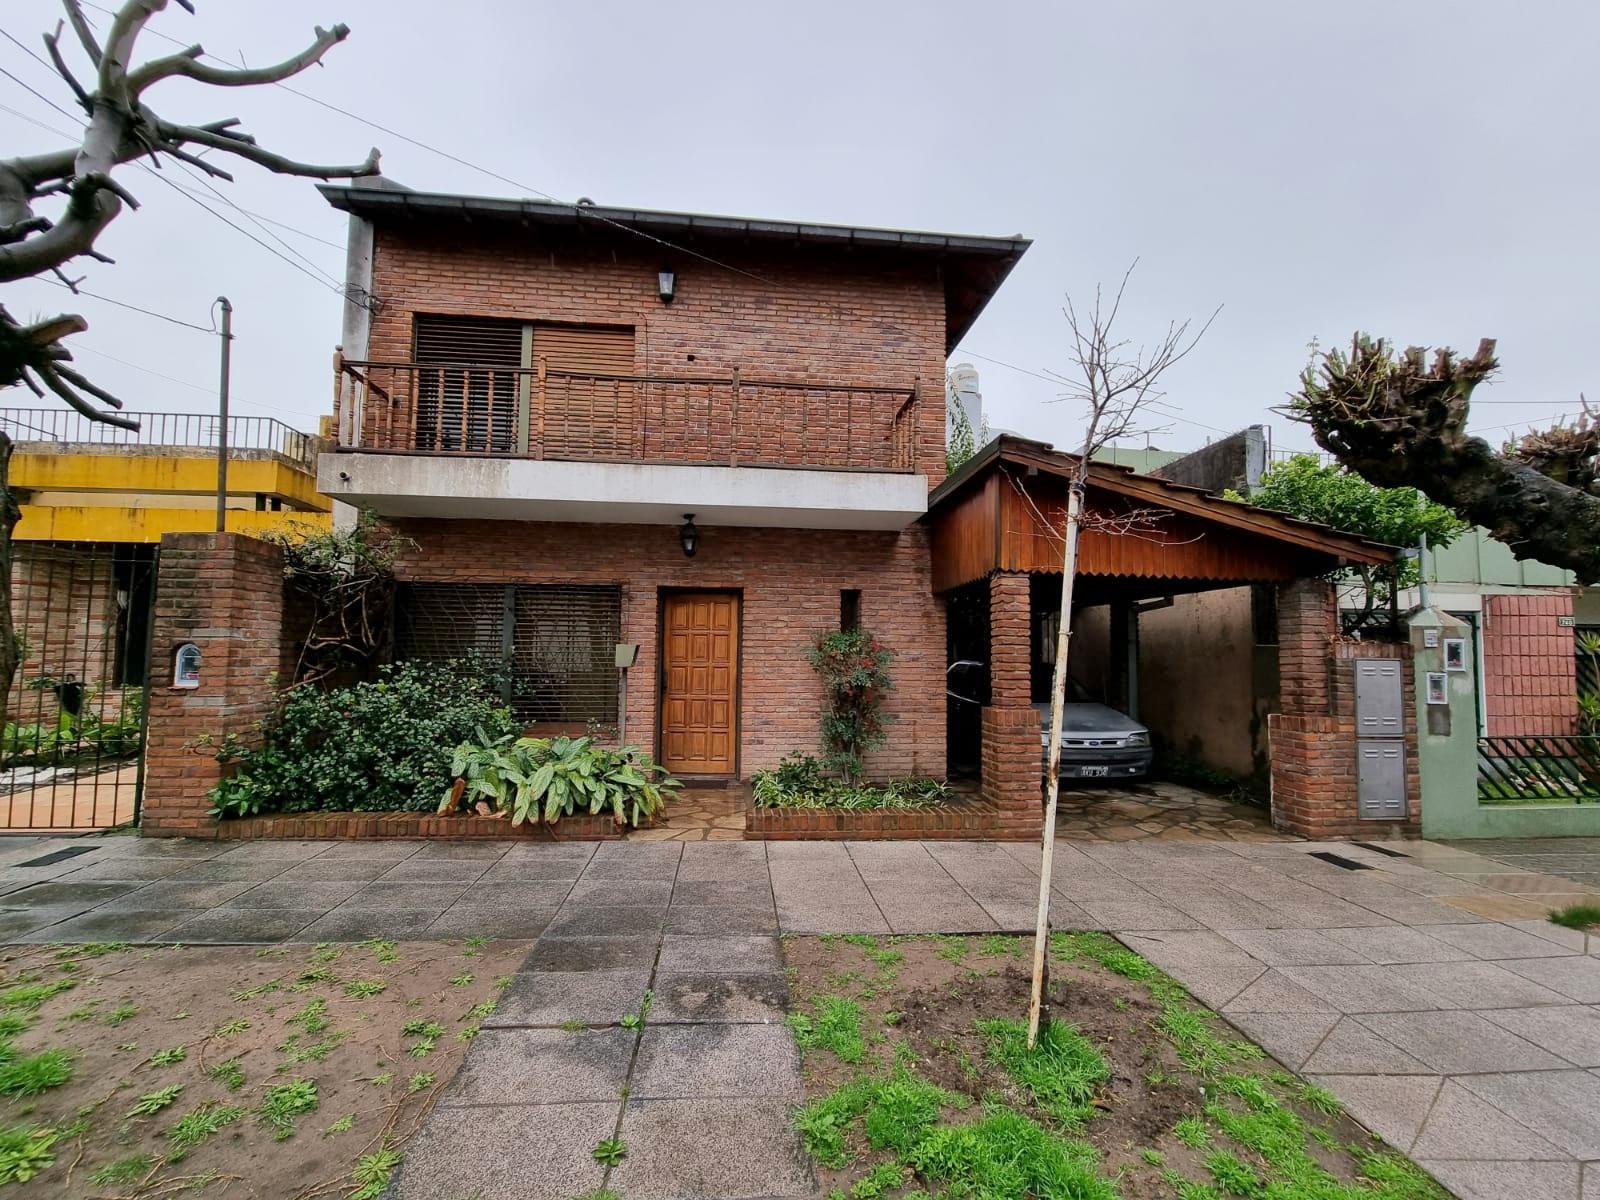 Casa 4 Amb. con Jardín y Cochera Cerca de Av. Mitre – Paraguay 700